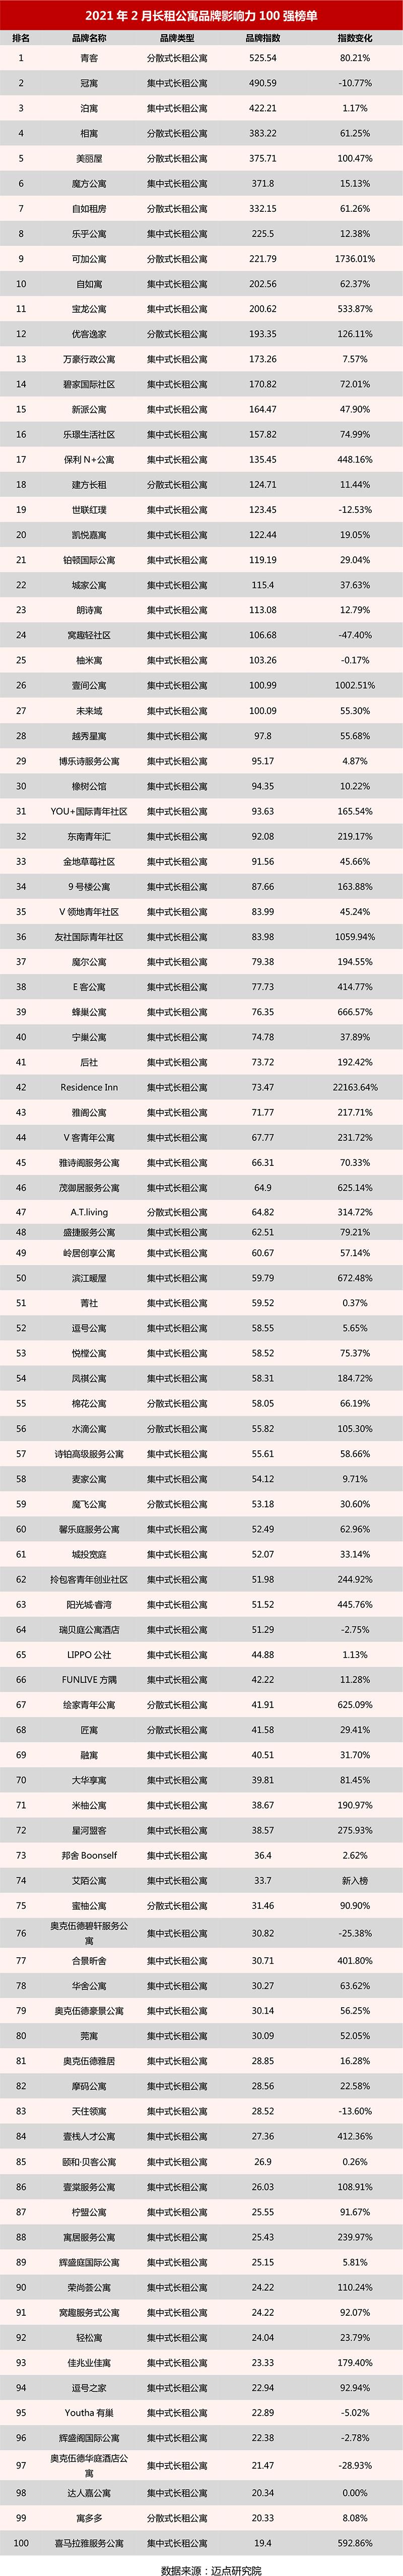 2021年2月长租公寓品牌影响力100强榜单.jpg